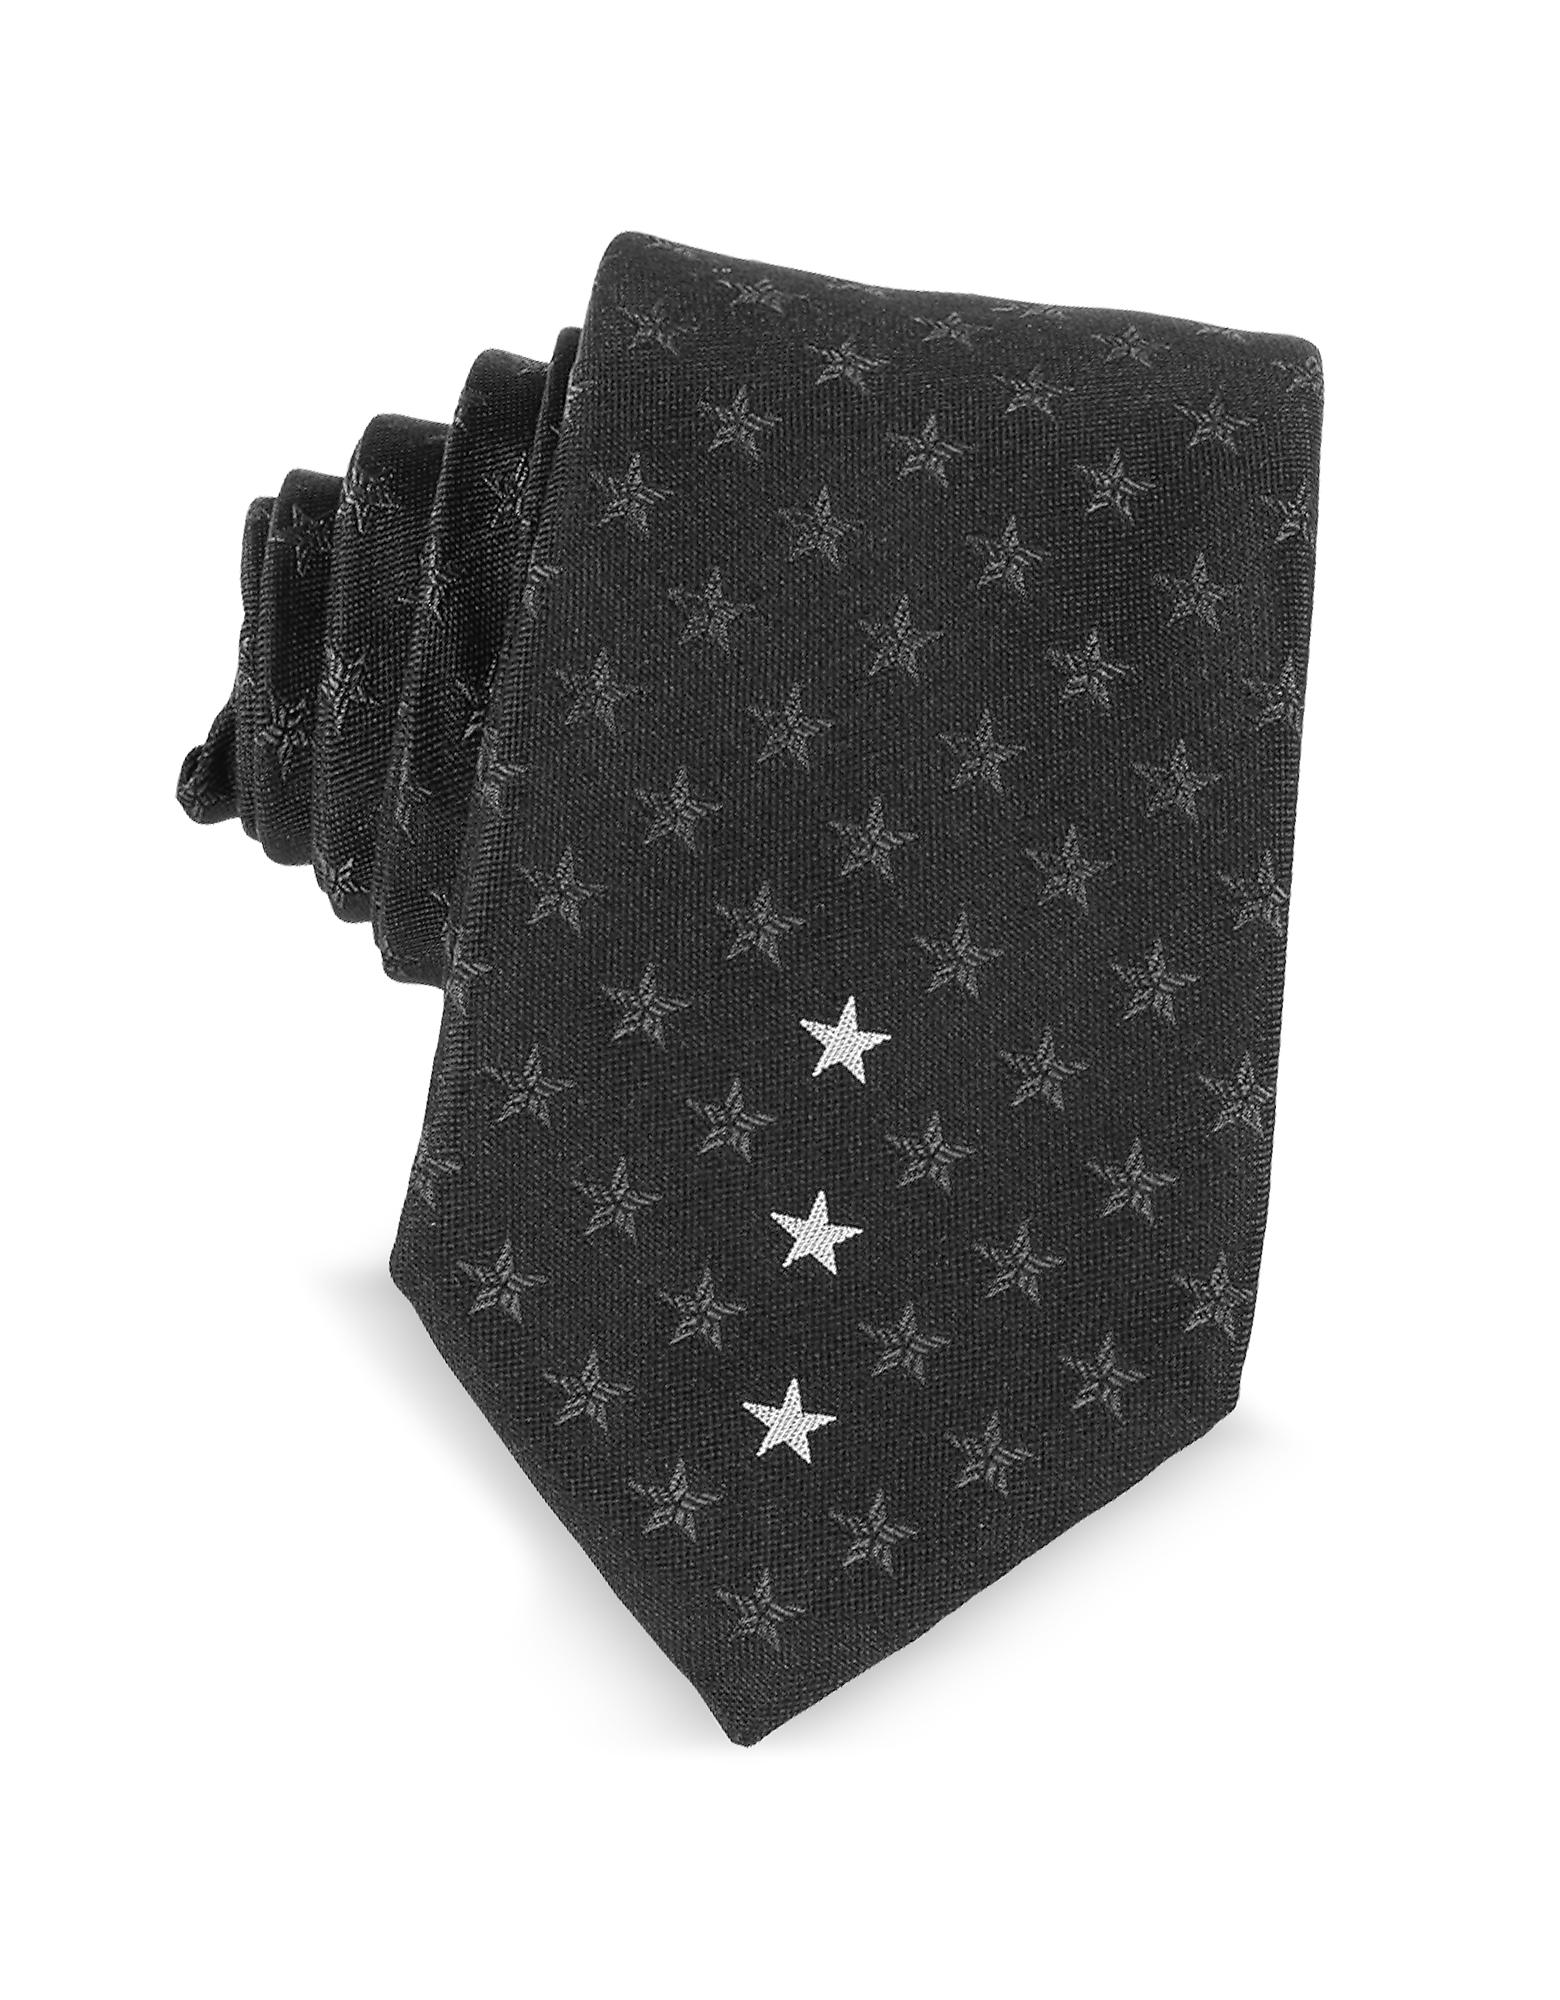 Узкий Черный Галстук с Текстурными Звездами